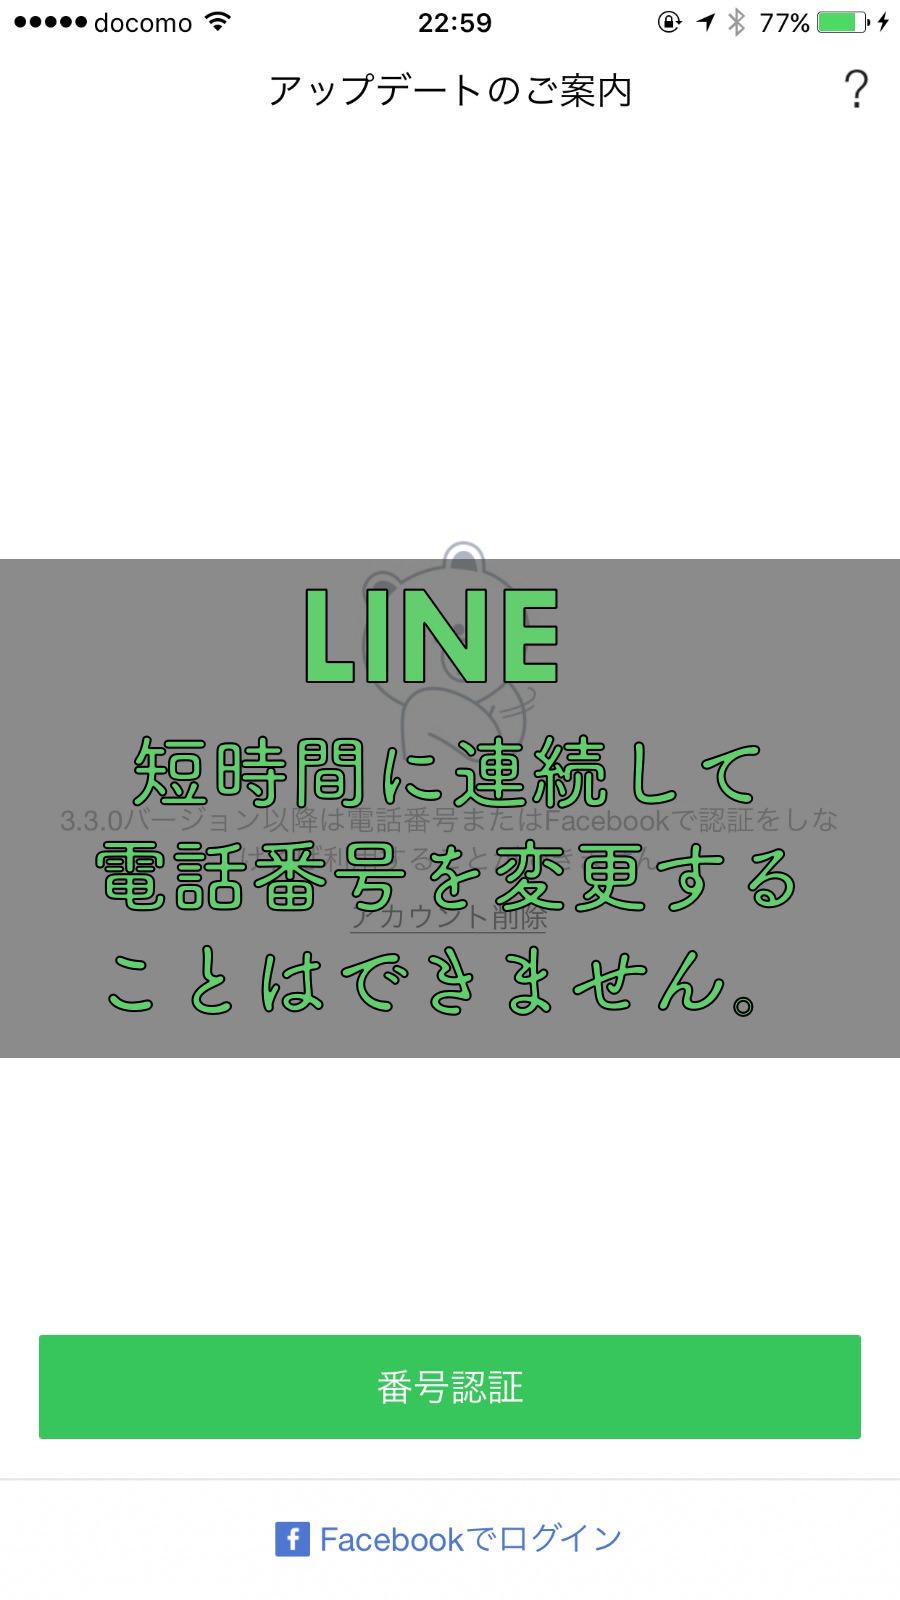 Line number 8731t 1